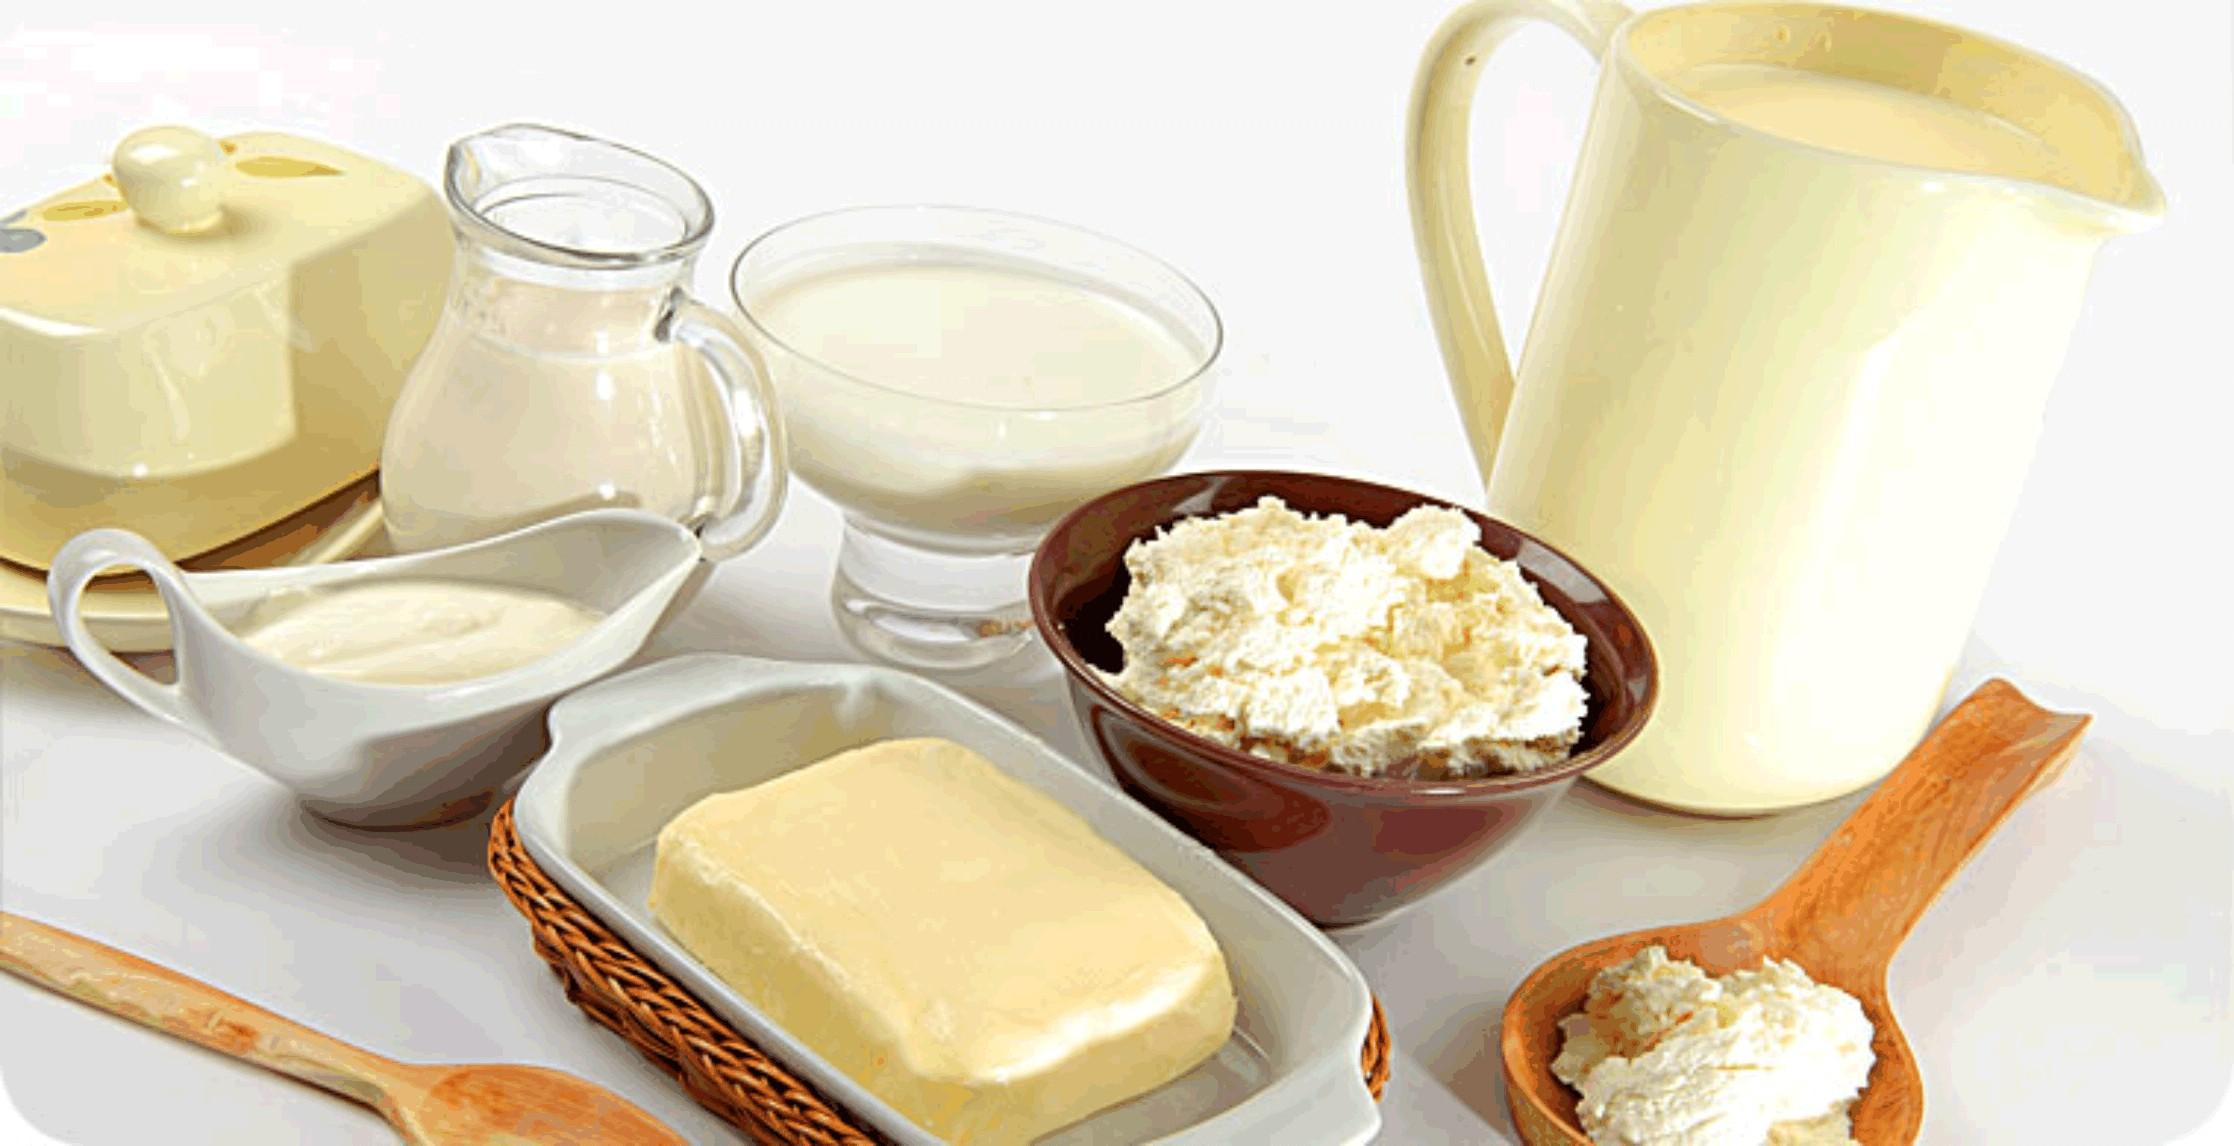 Молочные продукты в РФ подорожали за полгода на 4,1%